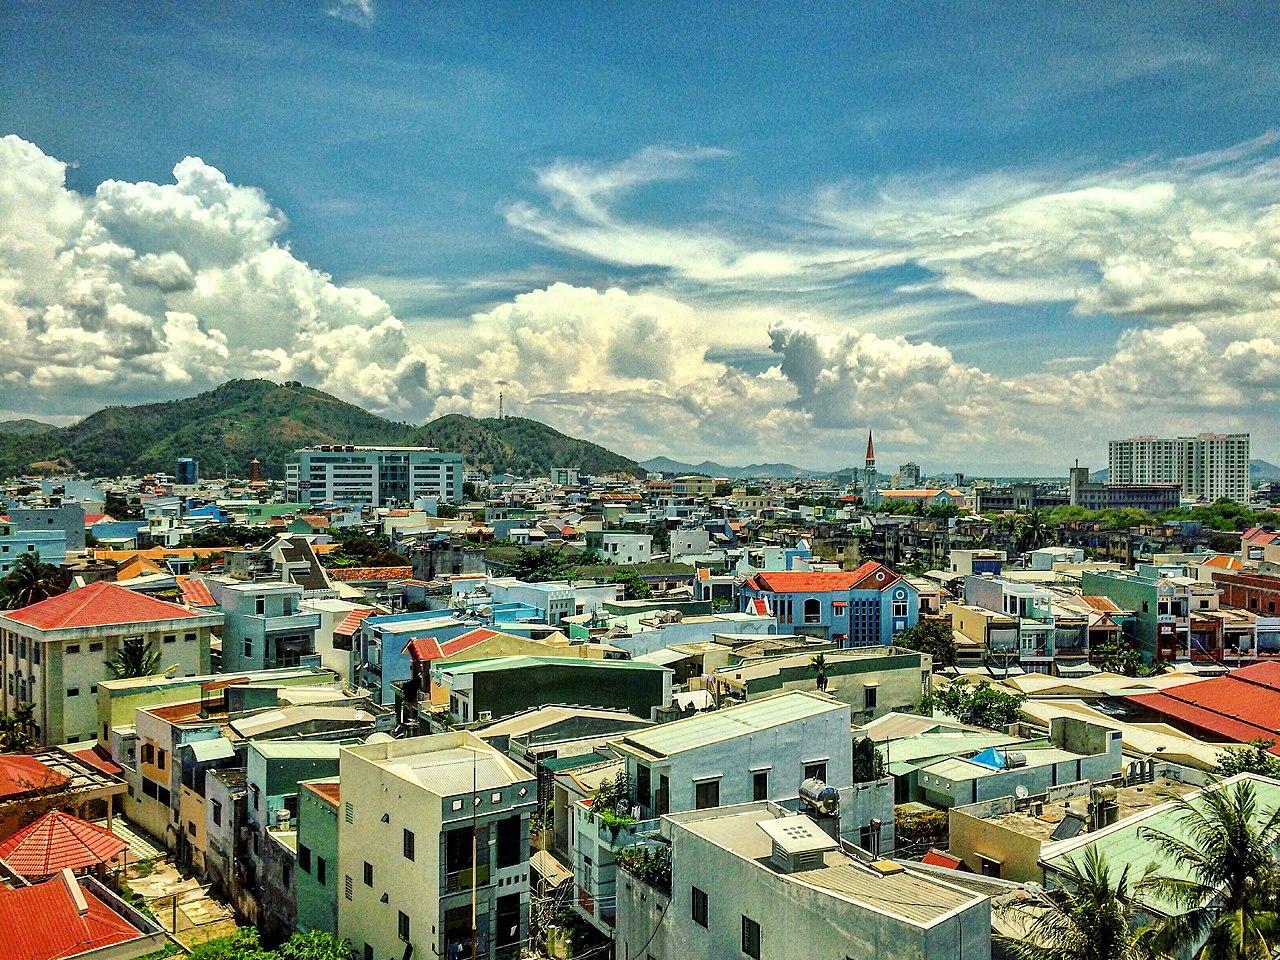 Thành phố Quy Nhơn, Bình Định. Ảnh Wikipedia